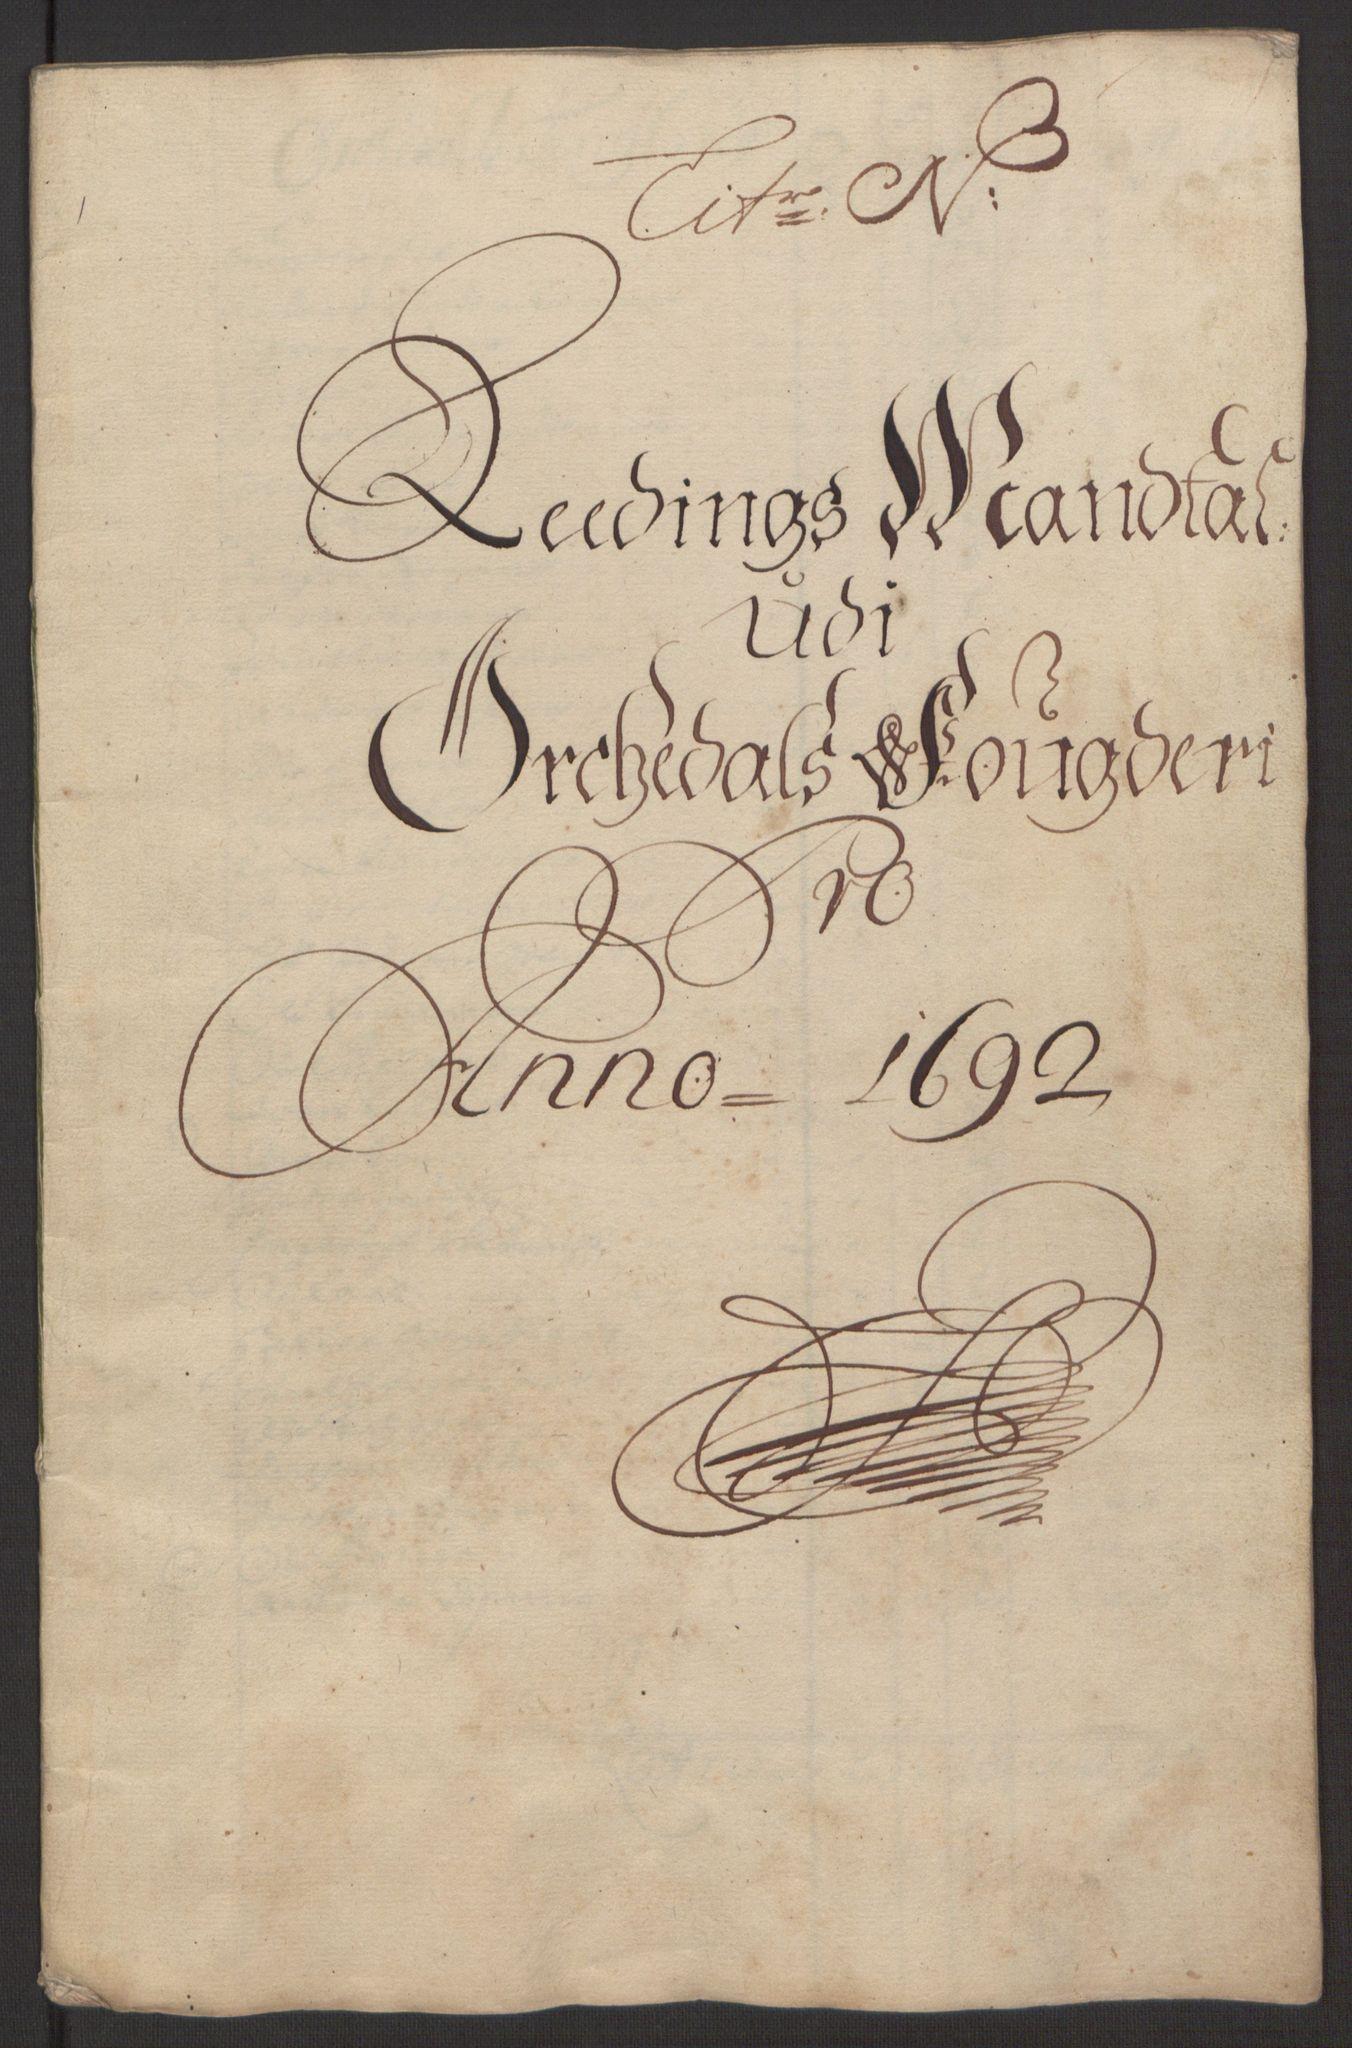 RA, Rentekammeret inntil 1814, Reviderte regnskaper, Fogderegnskap, R58/L3937: Fogderegnskap Orkdal, 1691-1692, s. 322